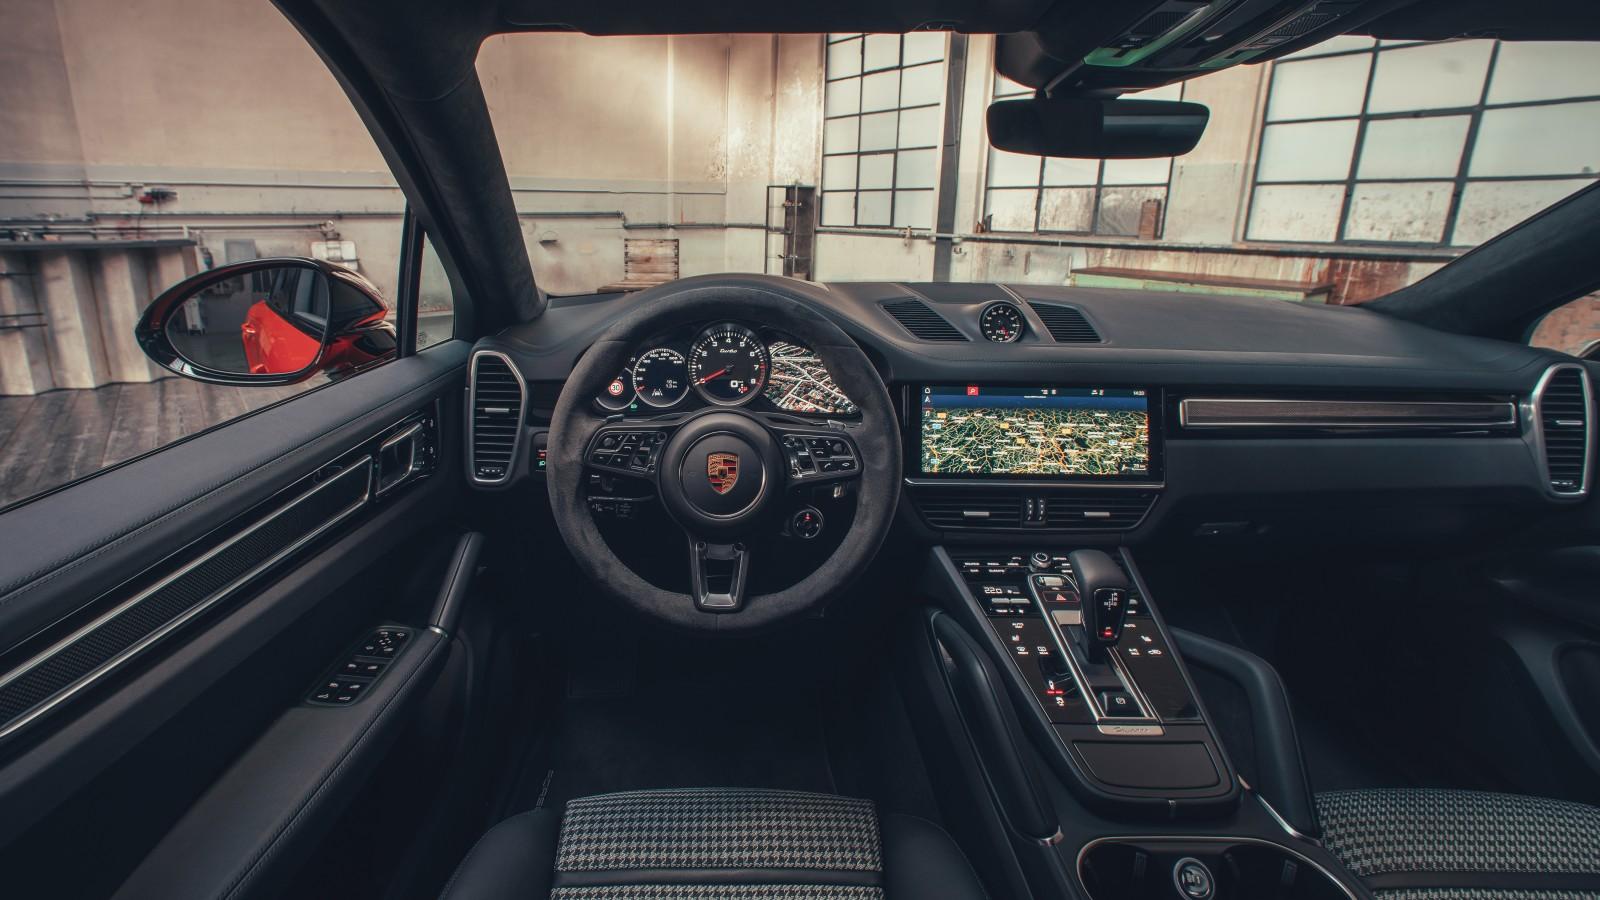 Farari Car Wallpaper Porsche Cayenne Turbo Coupe 2019 4k Interior Wallpaper